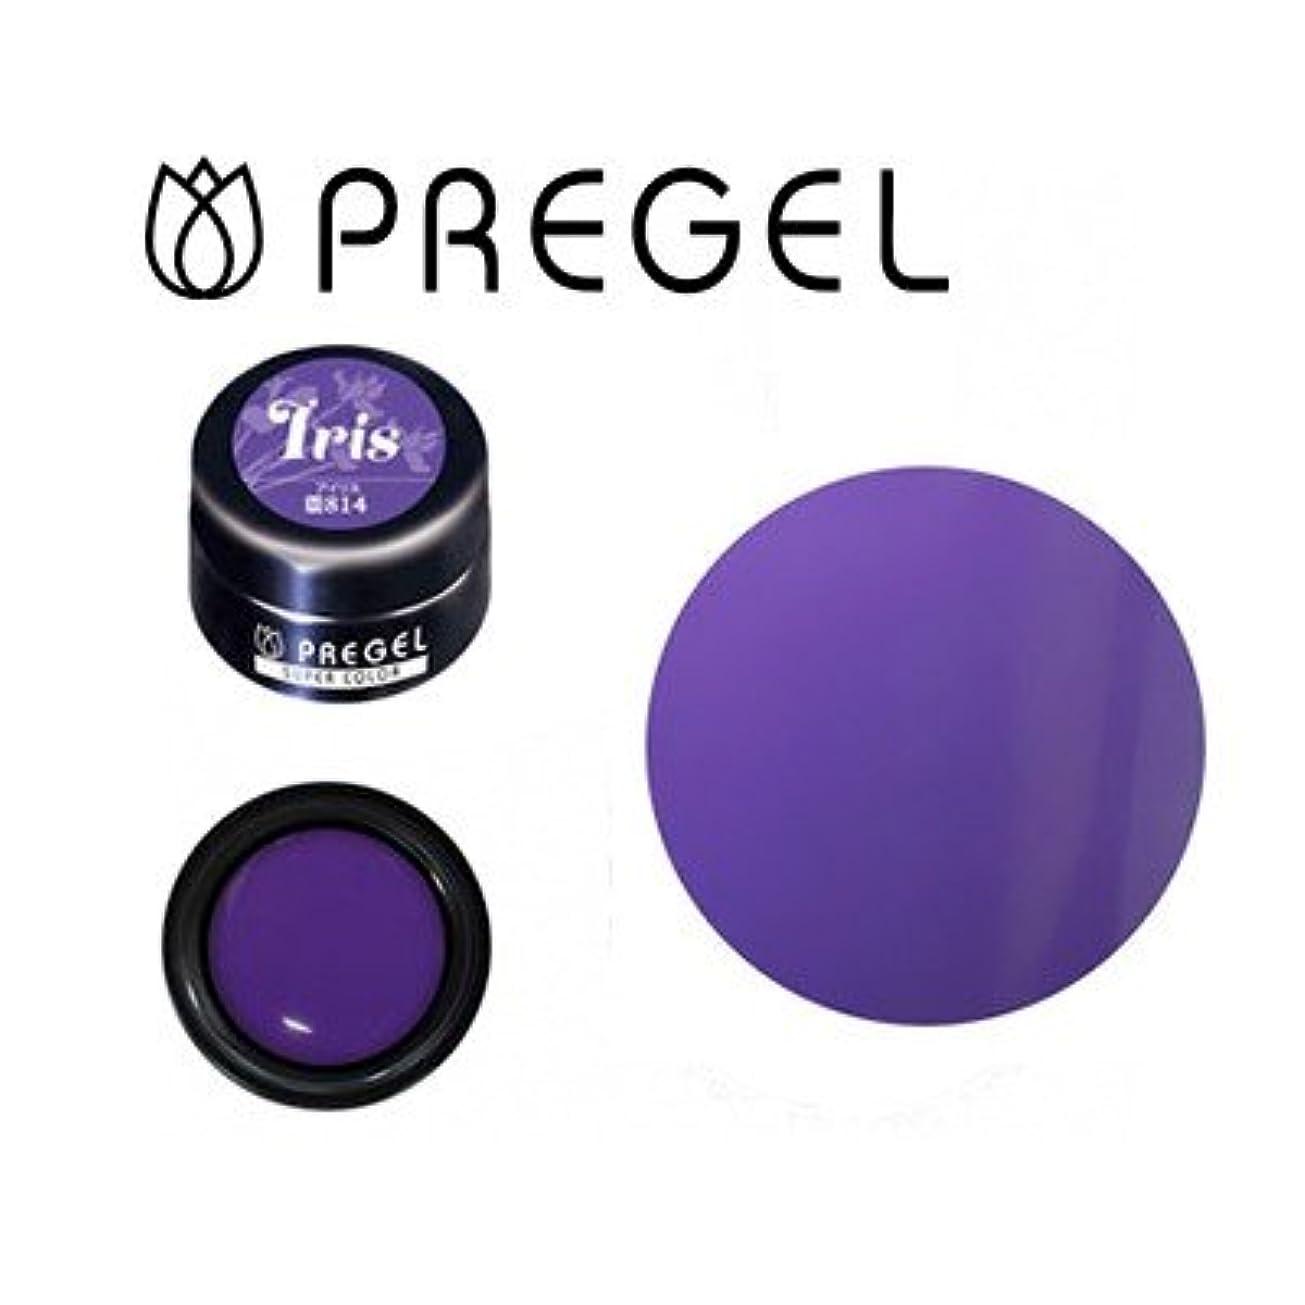 免除する令状ではごきげんようジェルネイル カラージェル プリジェル PREGEL スーパーカラーEX PG-SE814 アイリス 3g